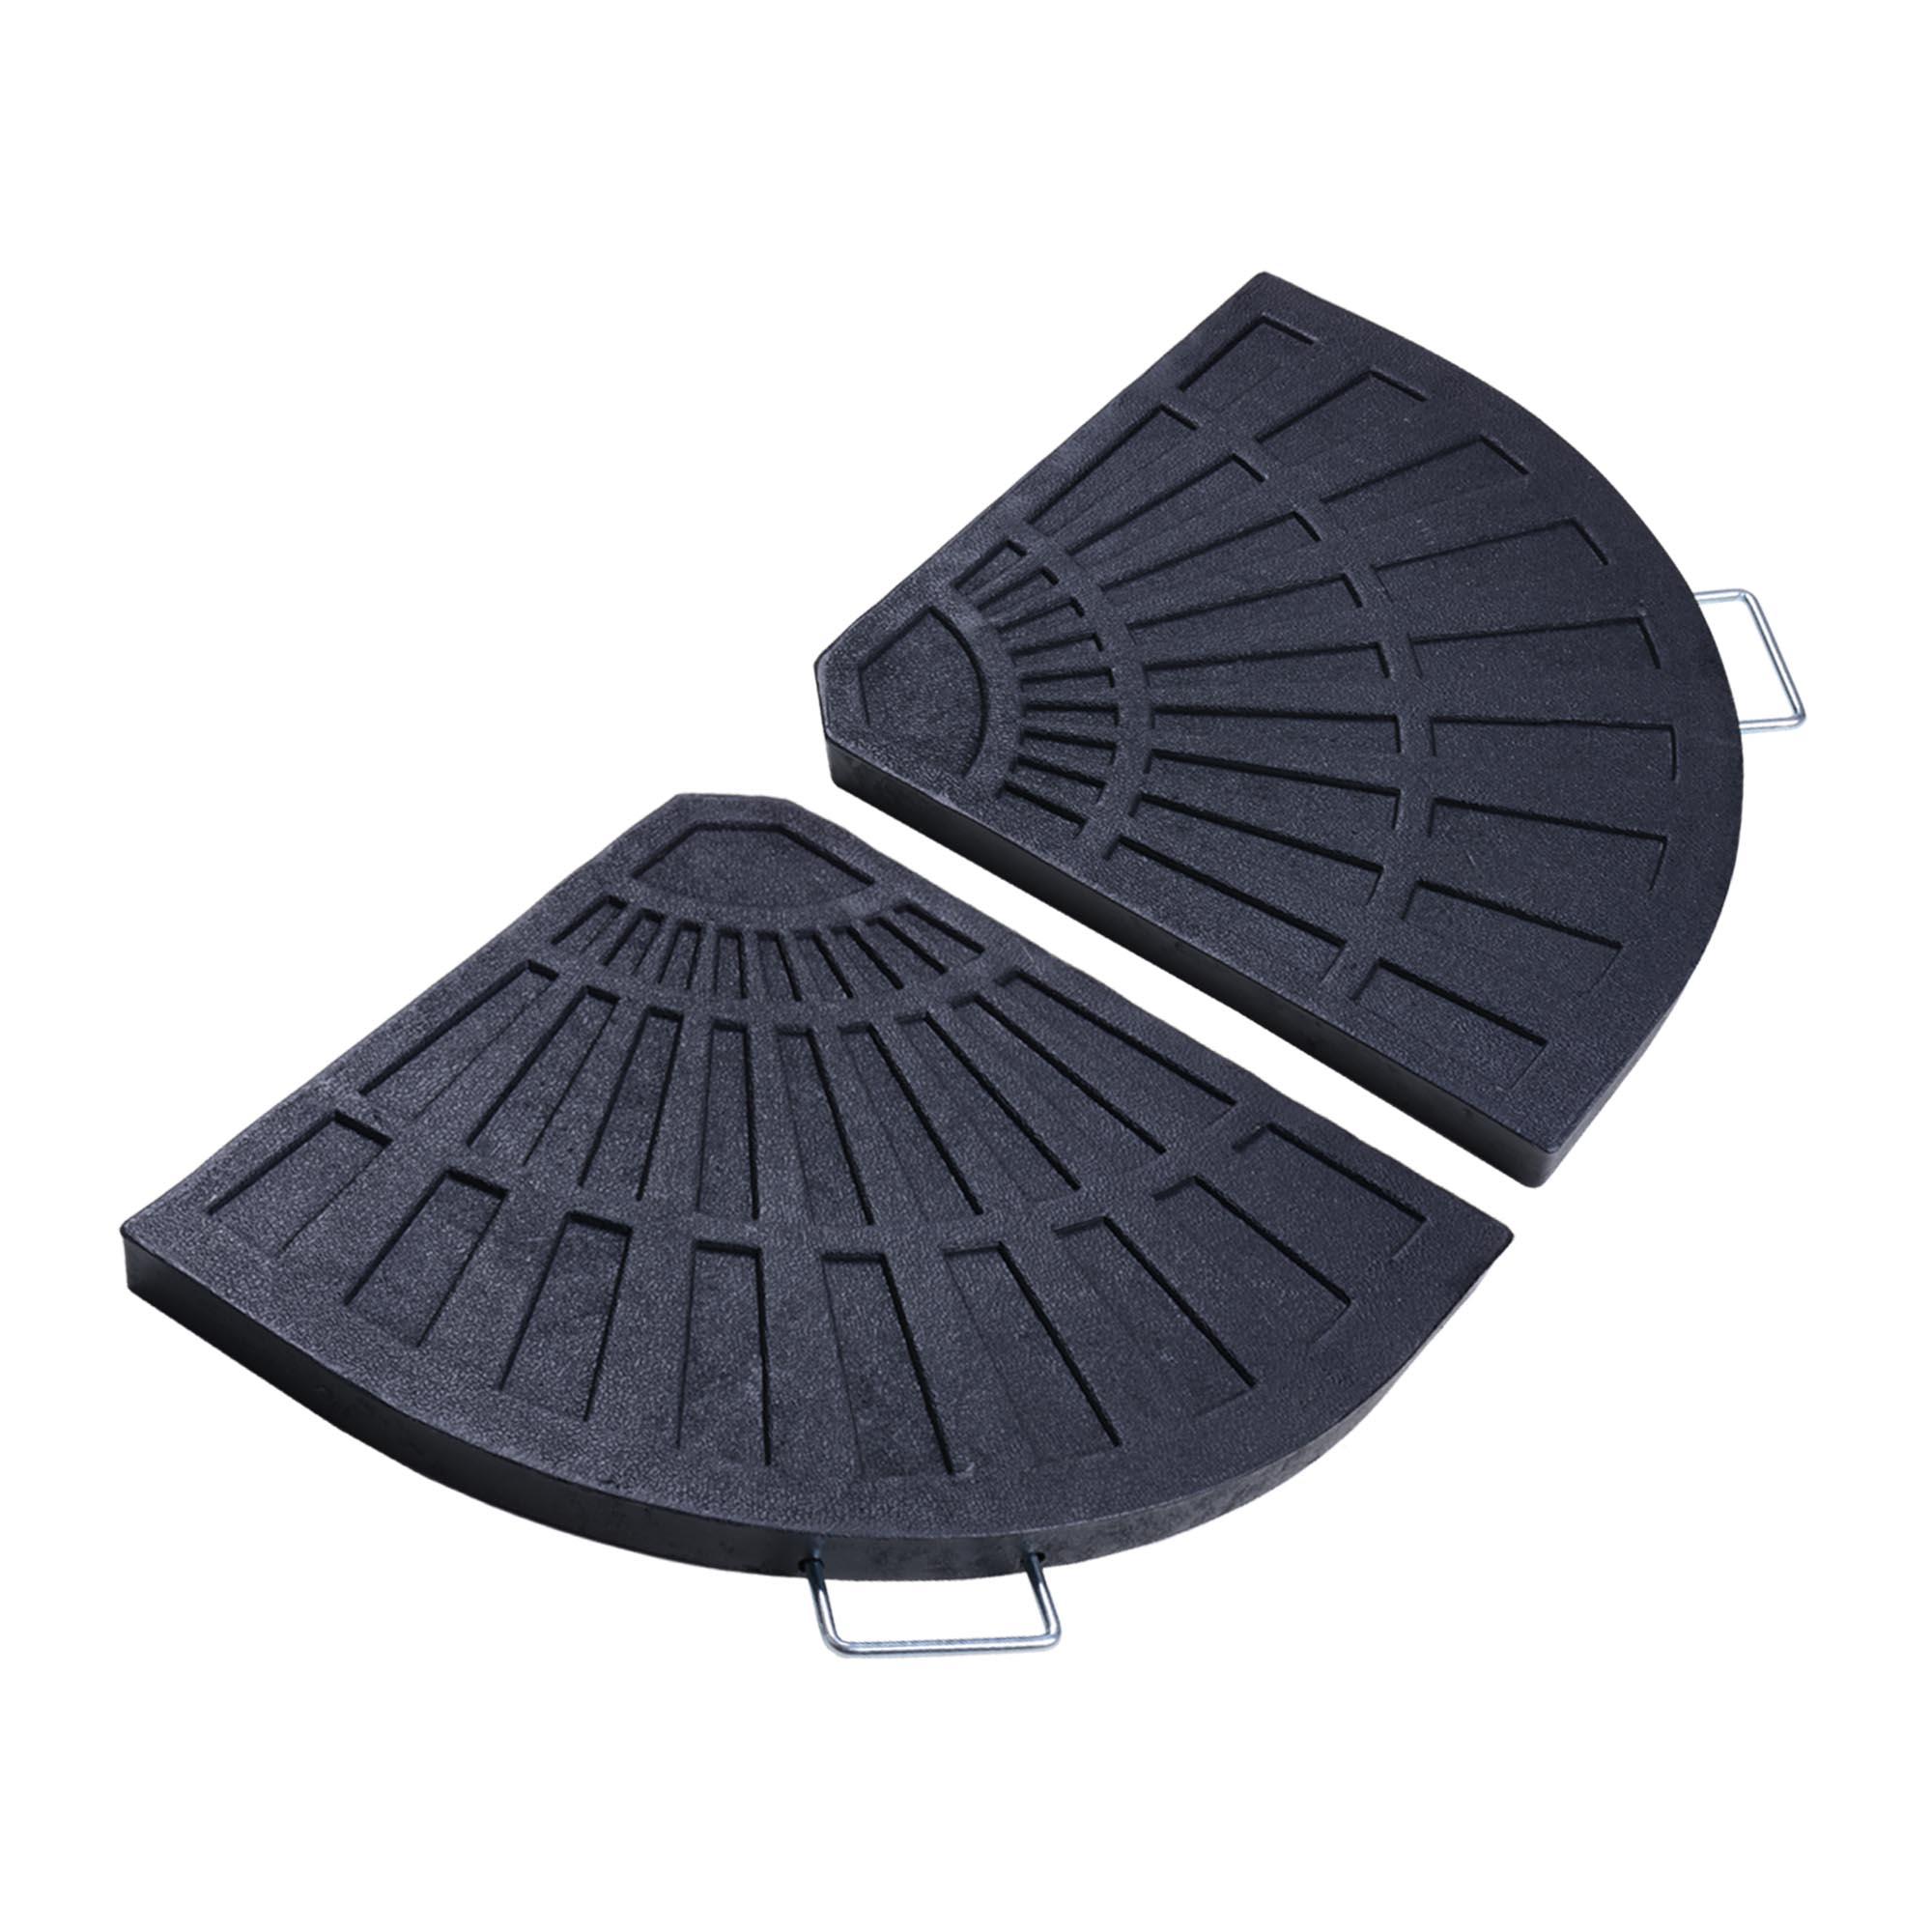 Patio Umbrella With Base: Patio Outdoor 2-Piece Cantilever Offset Umbrella Base